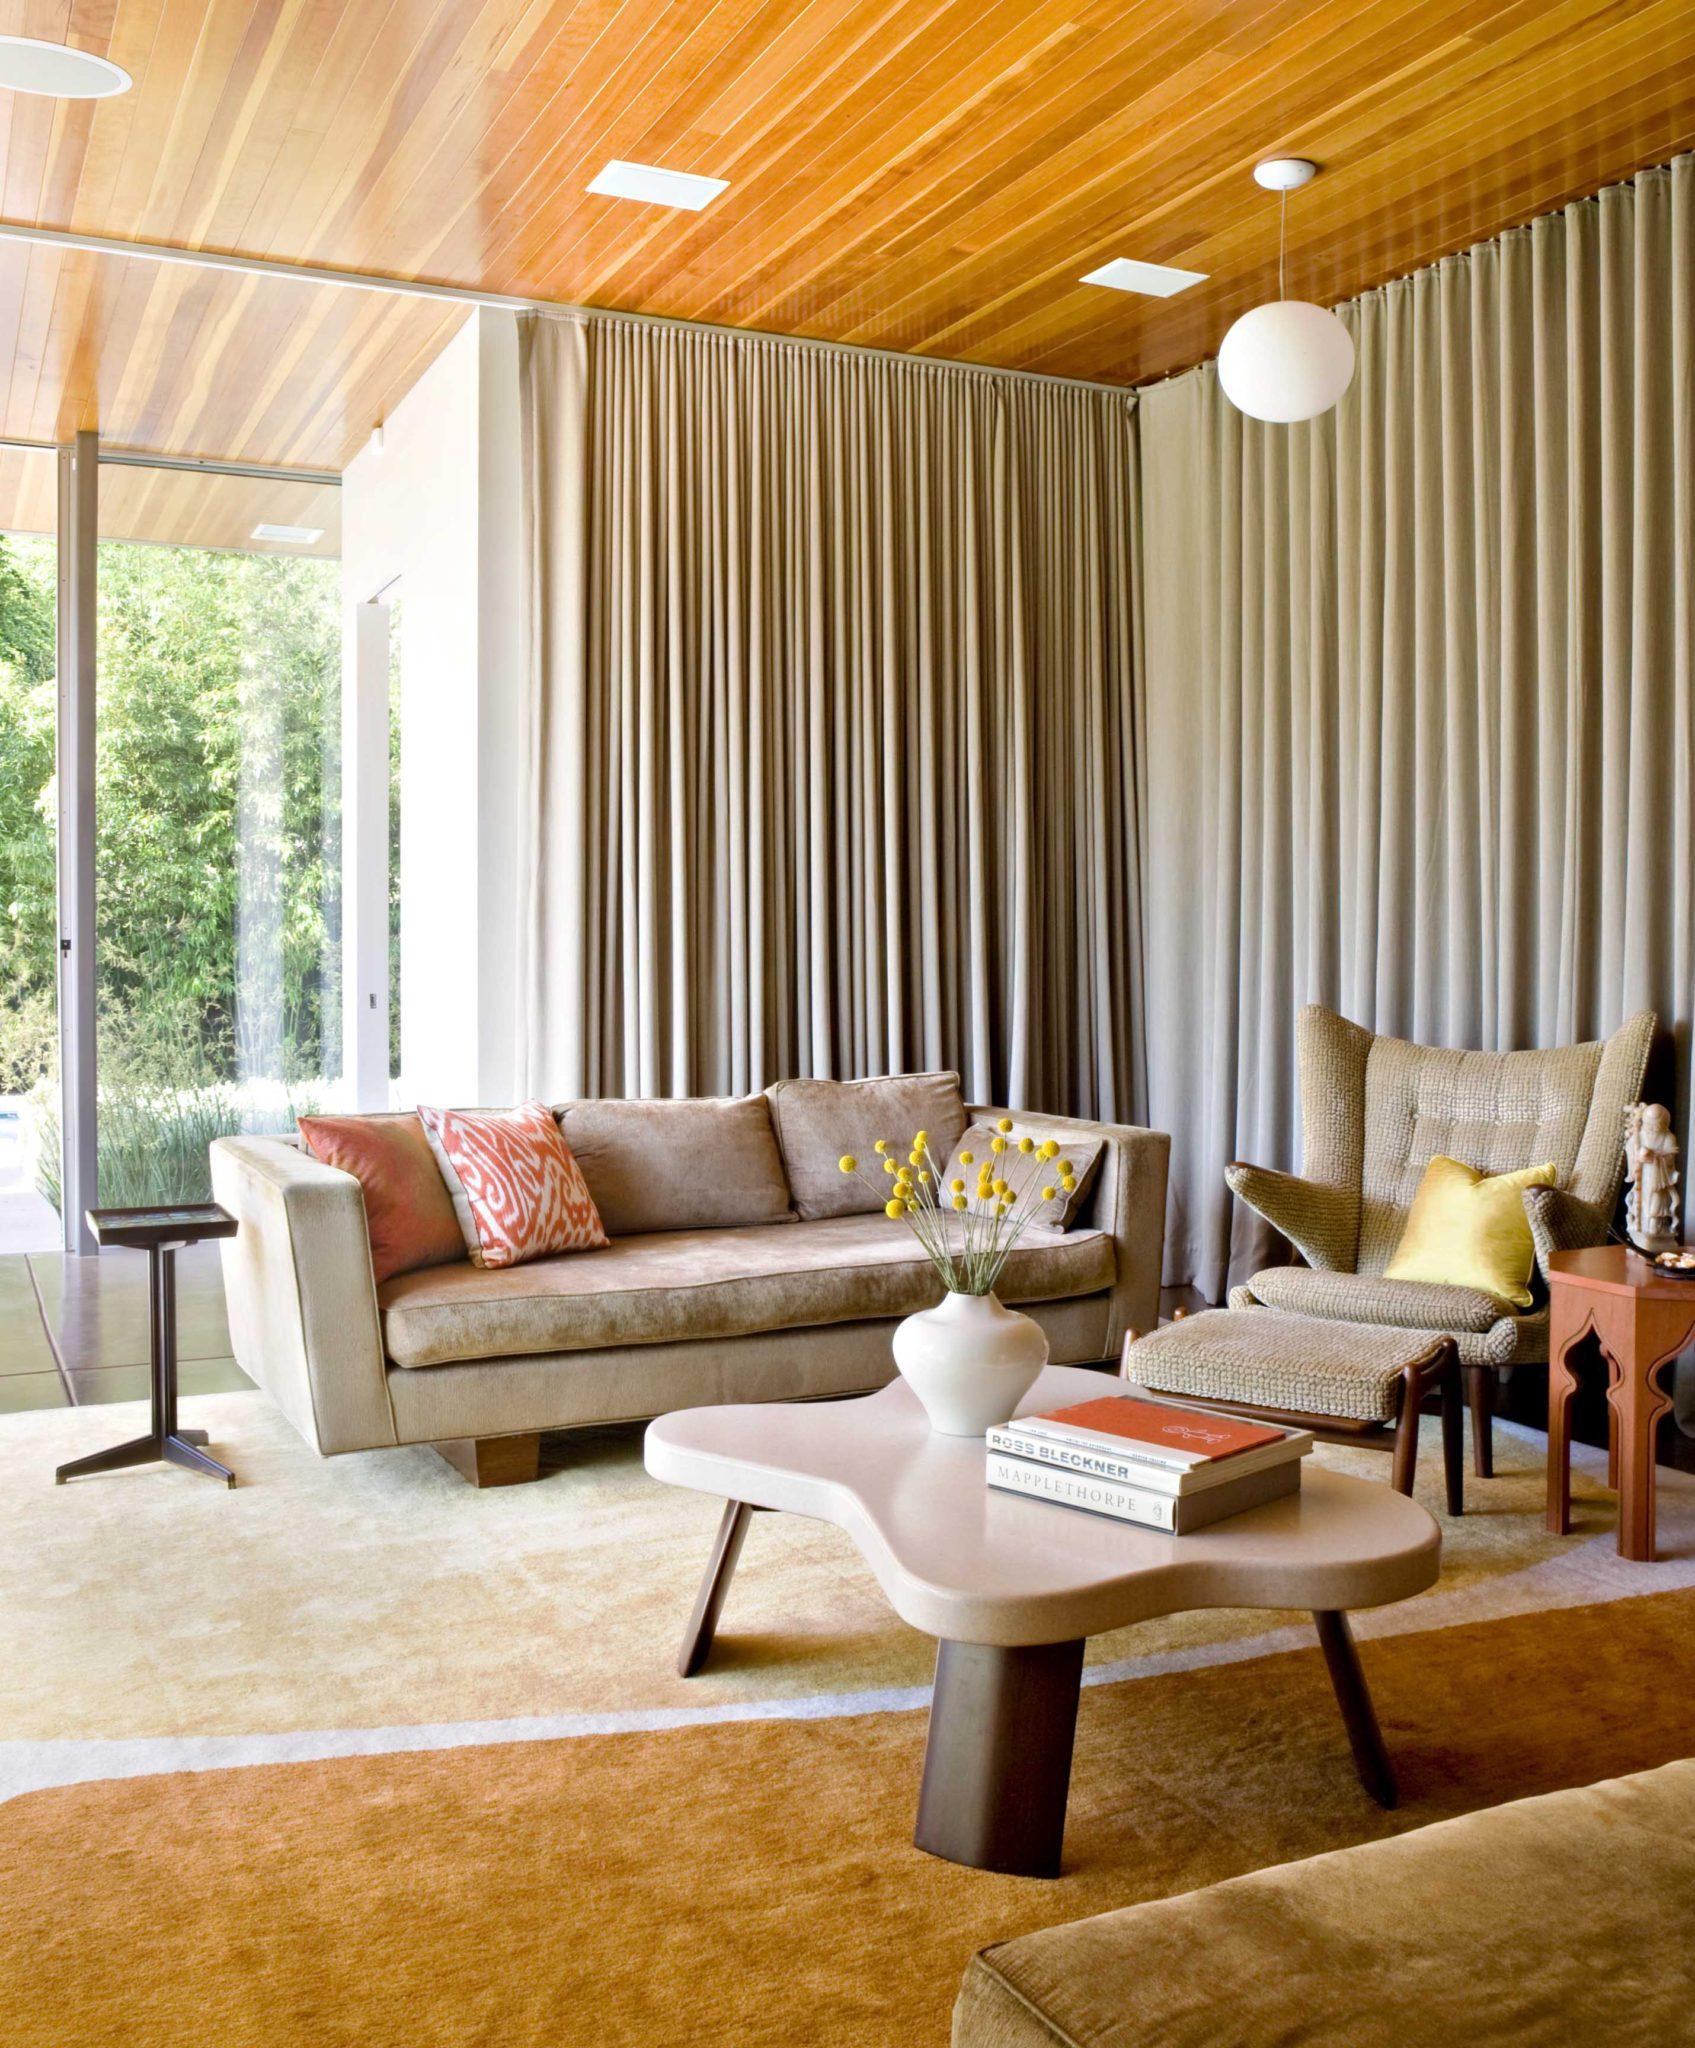 Cùng chiêm ngưỡng vẻ đẹp khó cưỡng của những căn phòng khách mang phong cách đương đại - Ảnh 17.